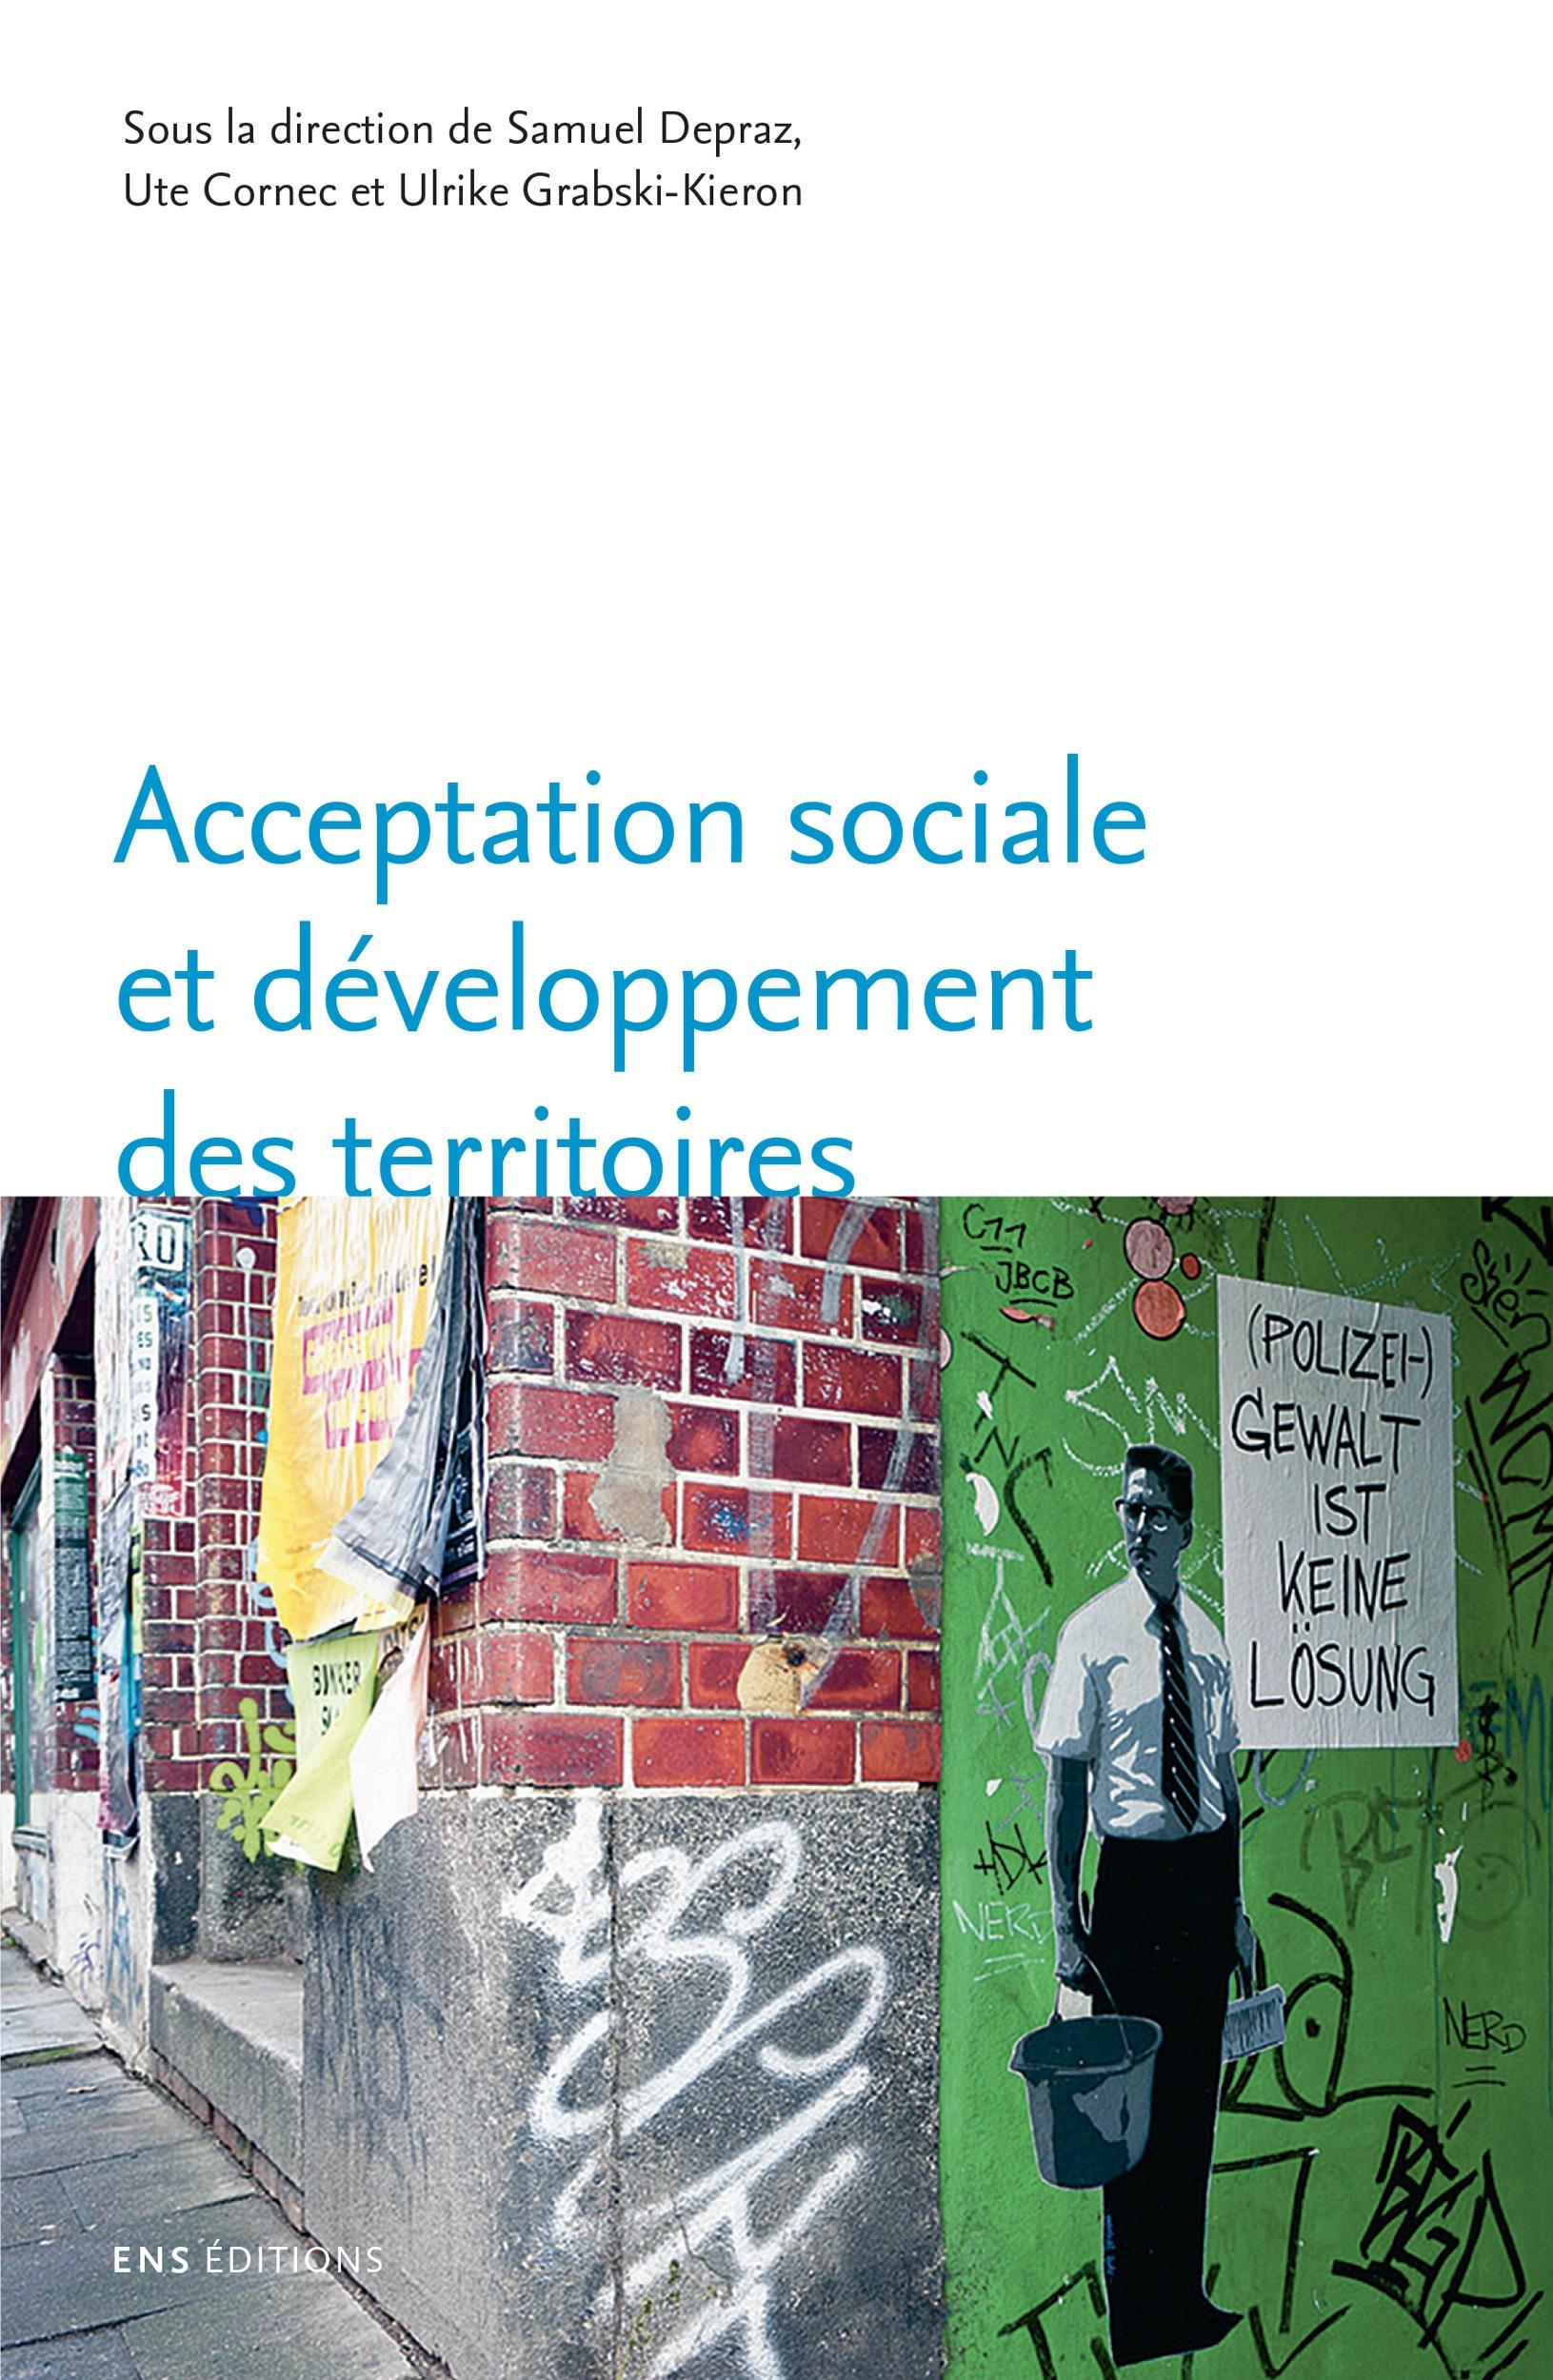 Samuel Depraz Acceptation sociale et développement des territoires